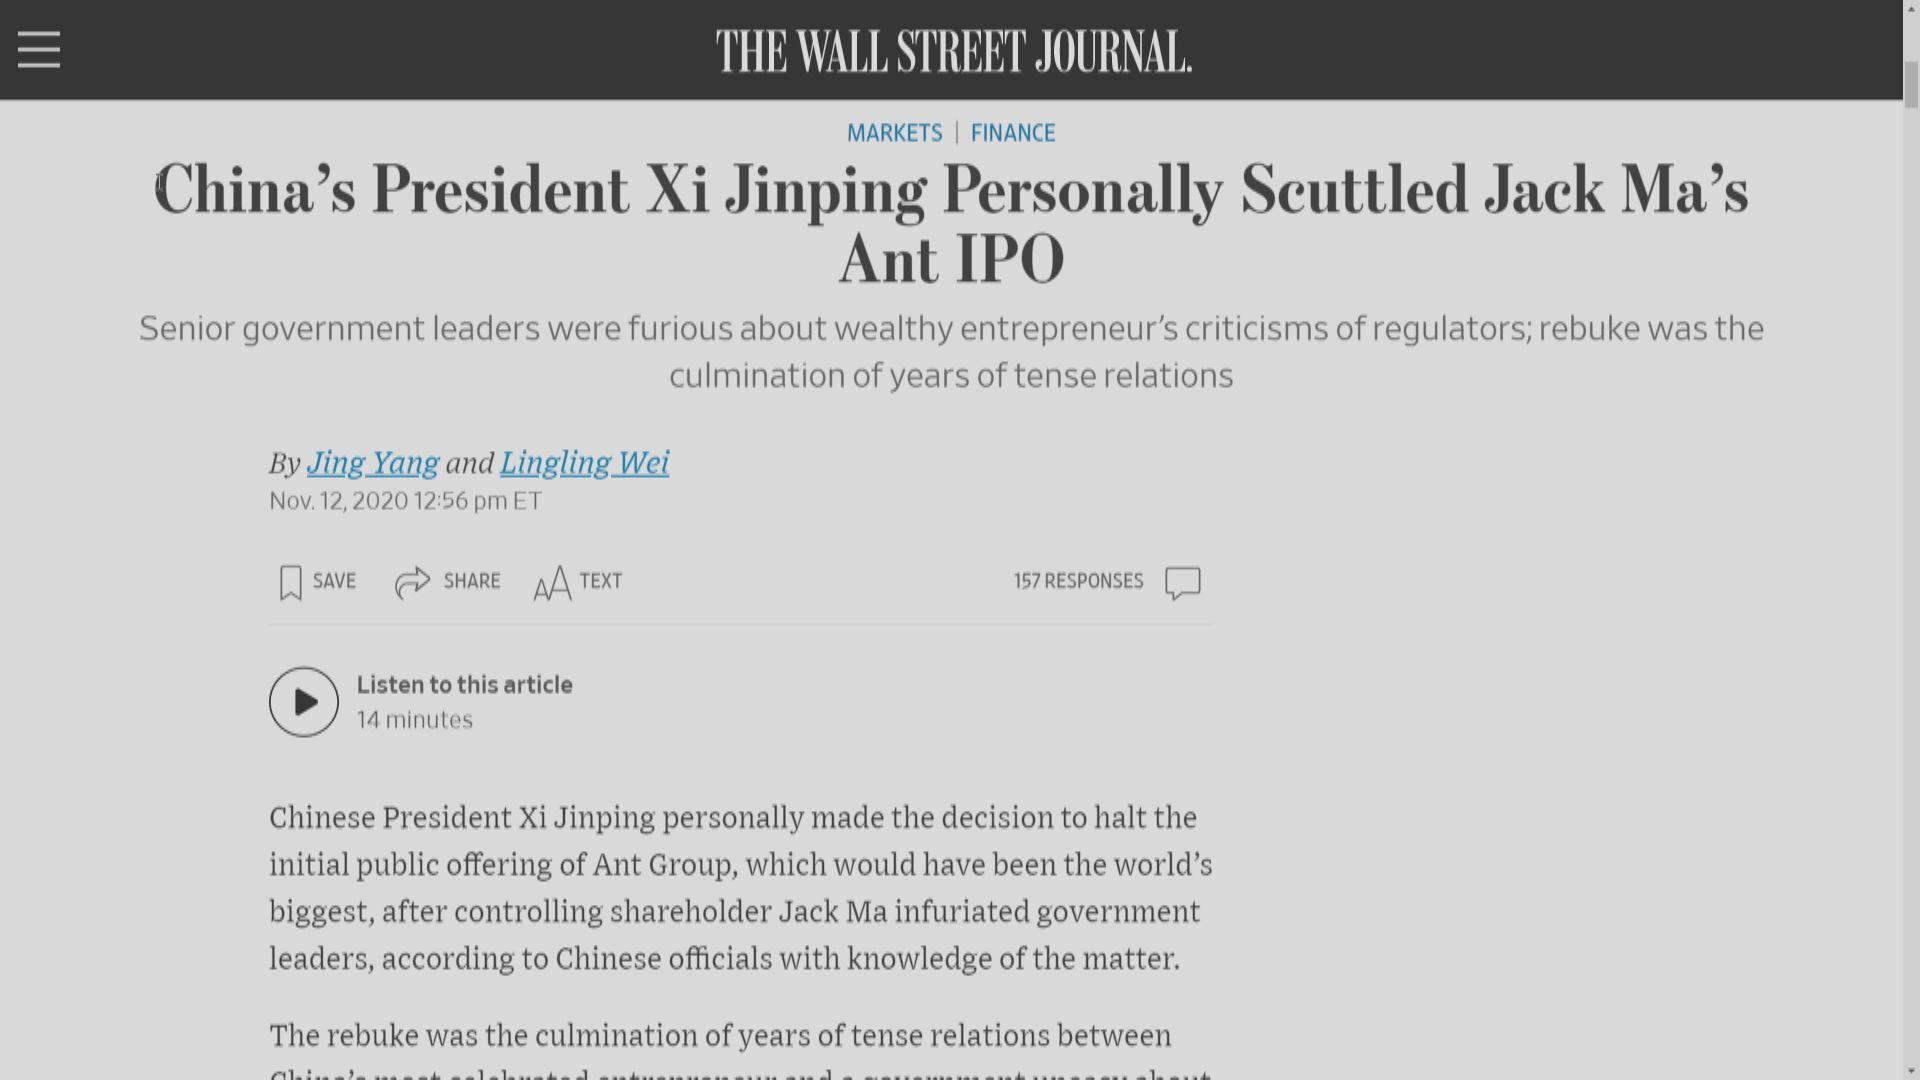 華爾街日報引消息:國家主席習近平叫停螞蟻上市